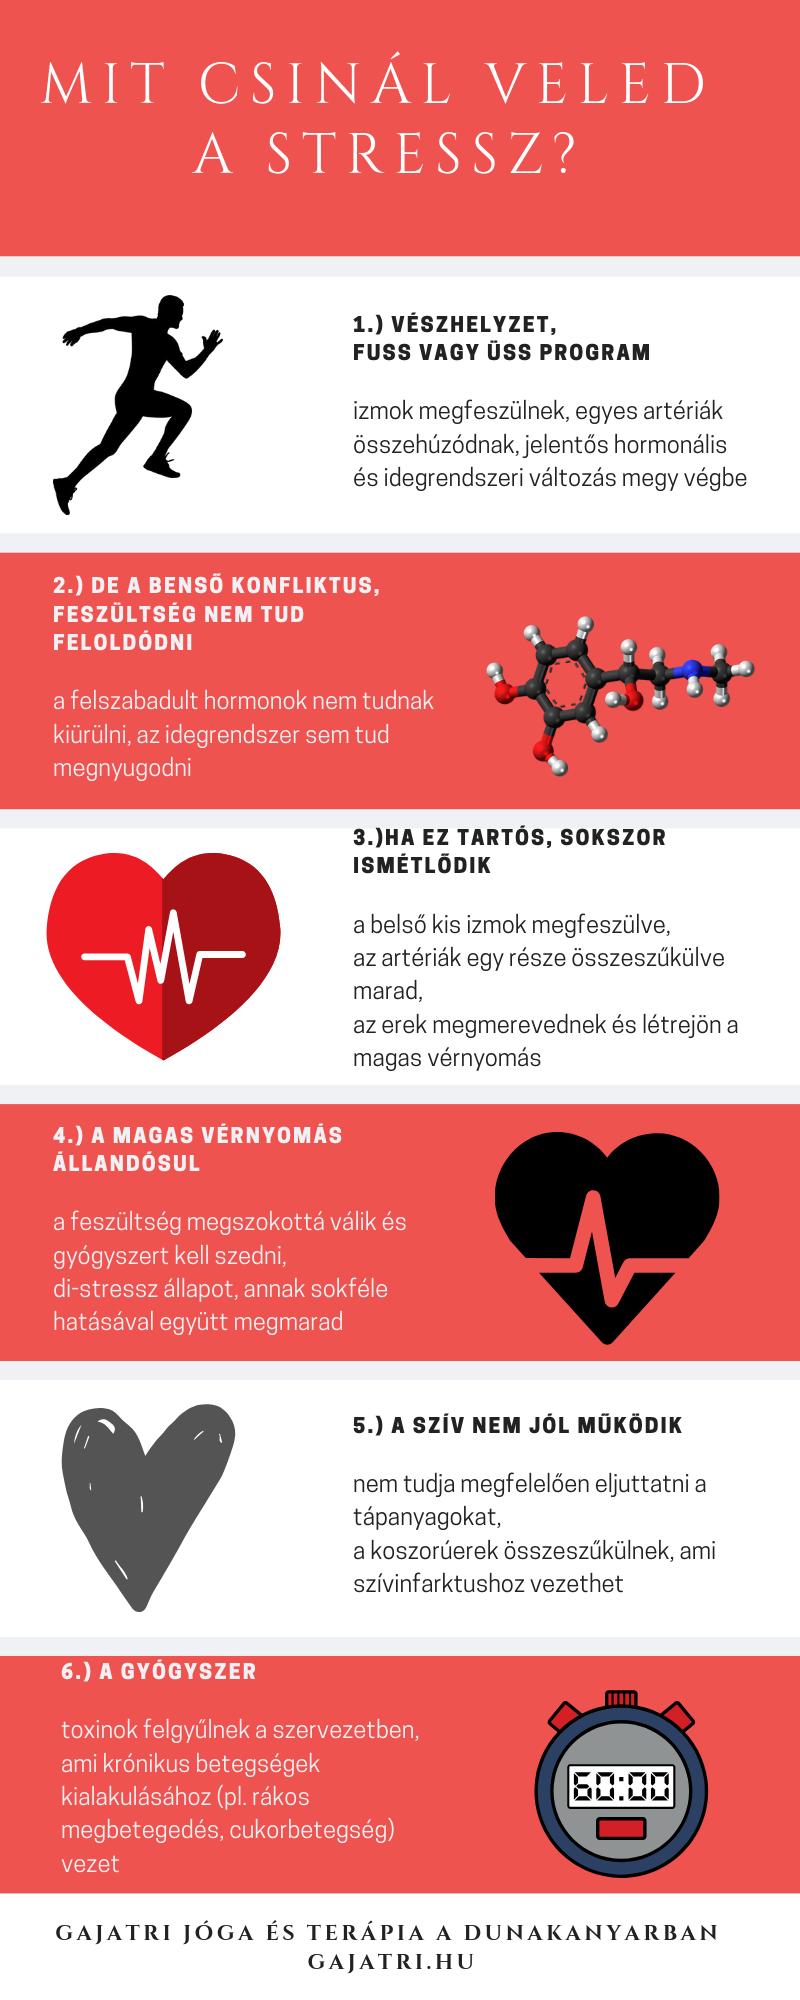 alacsonyabb vérnyomás magas vérnyomás esetén a pulzus feszült